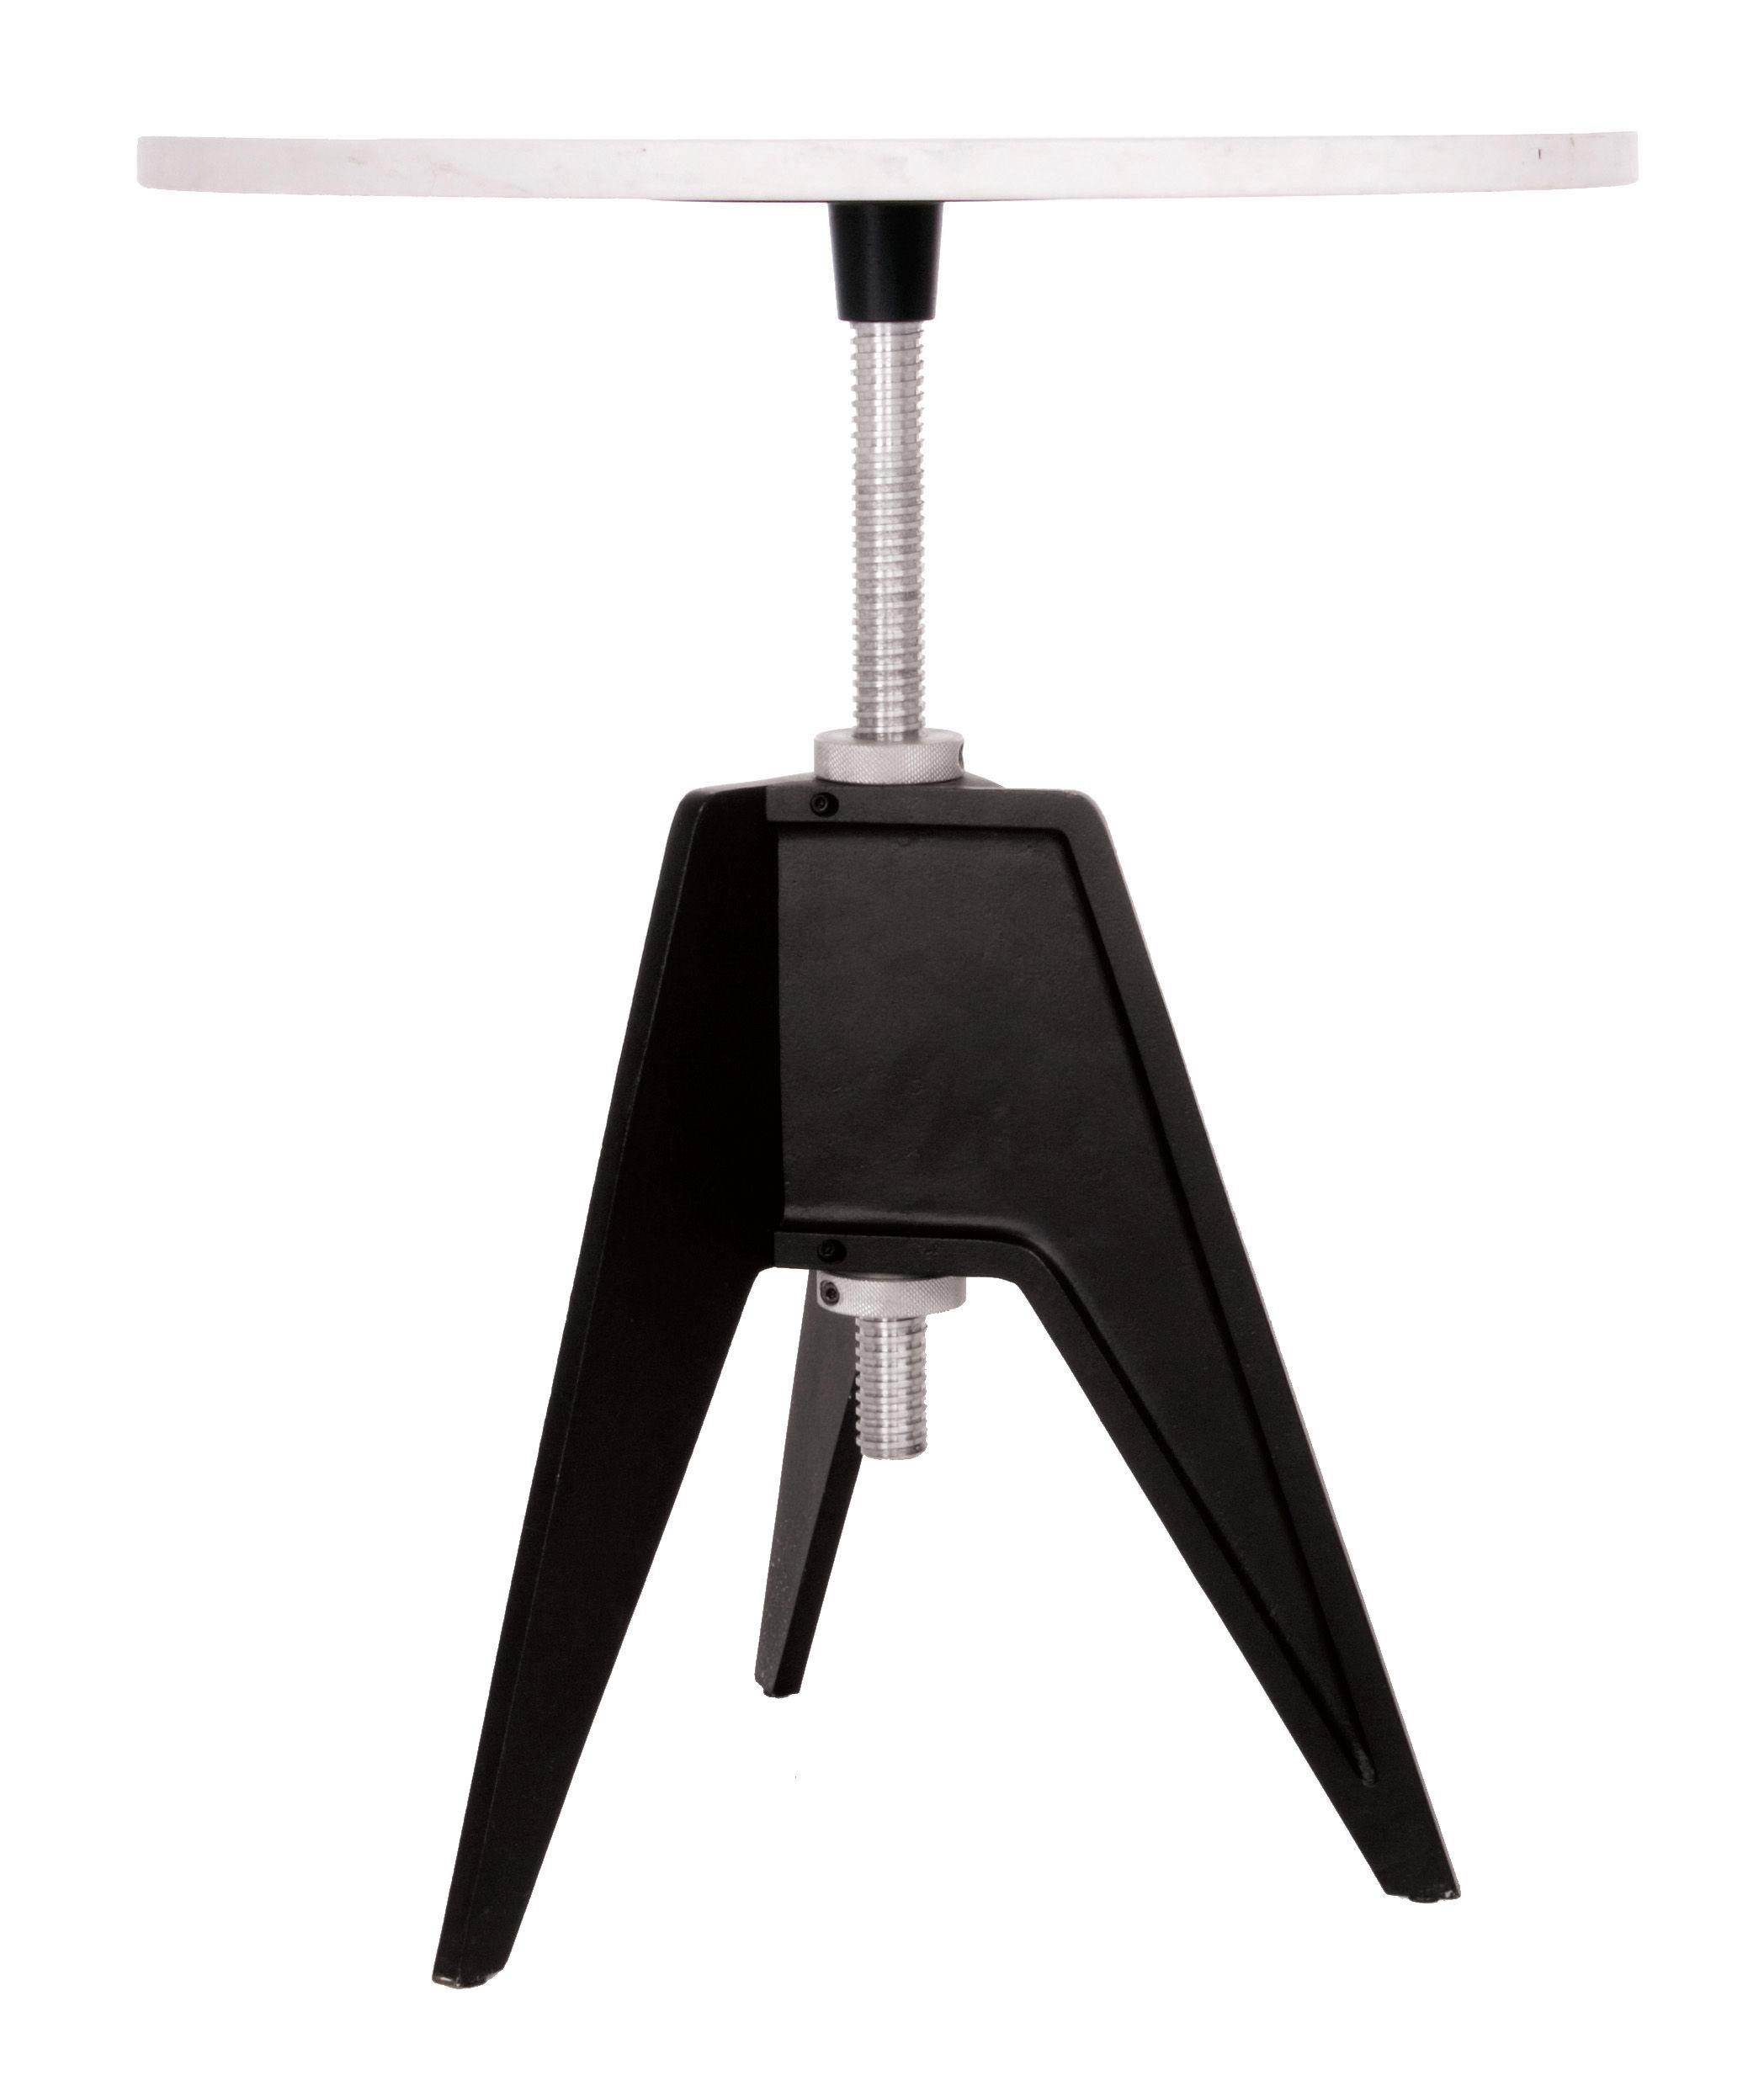 Mobilier - Tables basses - Table à hauteur réglable Screw / Ø 60 cm - Tom Dixon - Ø 60 cm - Noir / blanc - Aluminium, Fonte, Marbre